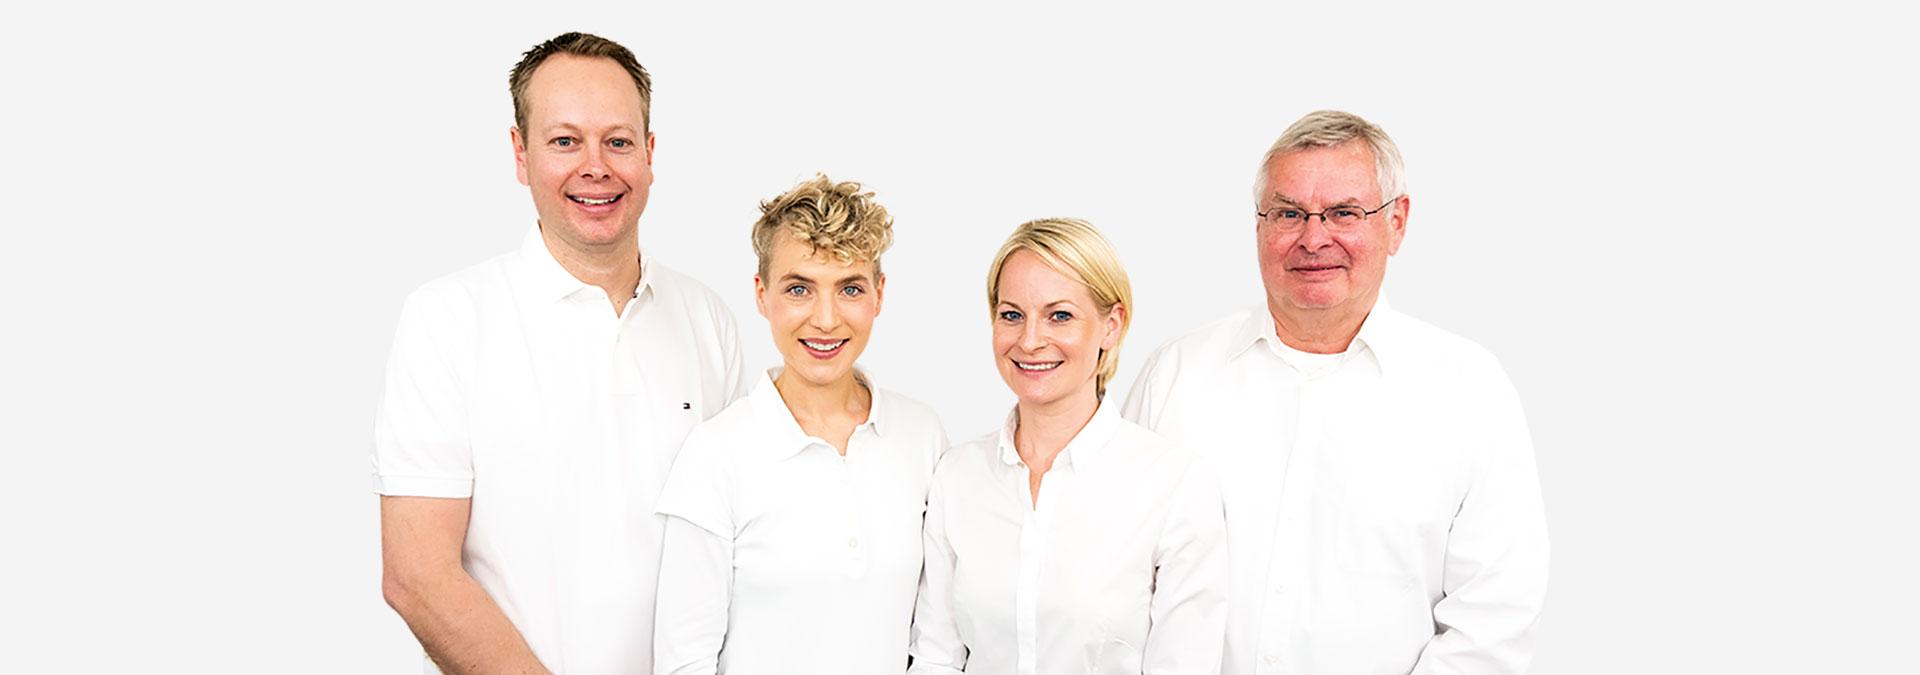 Behandlerteam - Dr. Stanke & Kollegen - Ihre Zahnarztpraxis mit eigenem Dentallabor in Hamm.